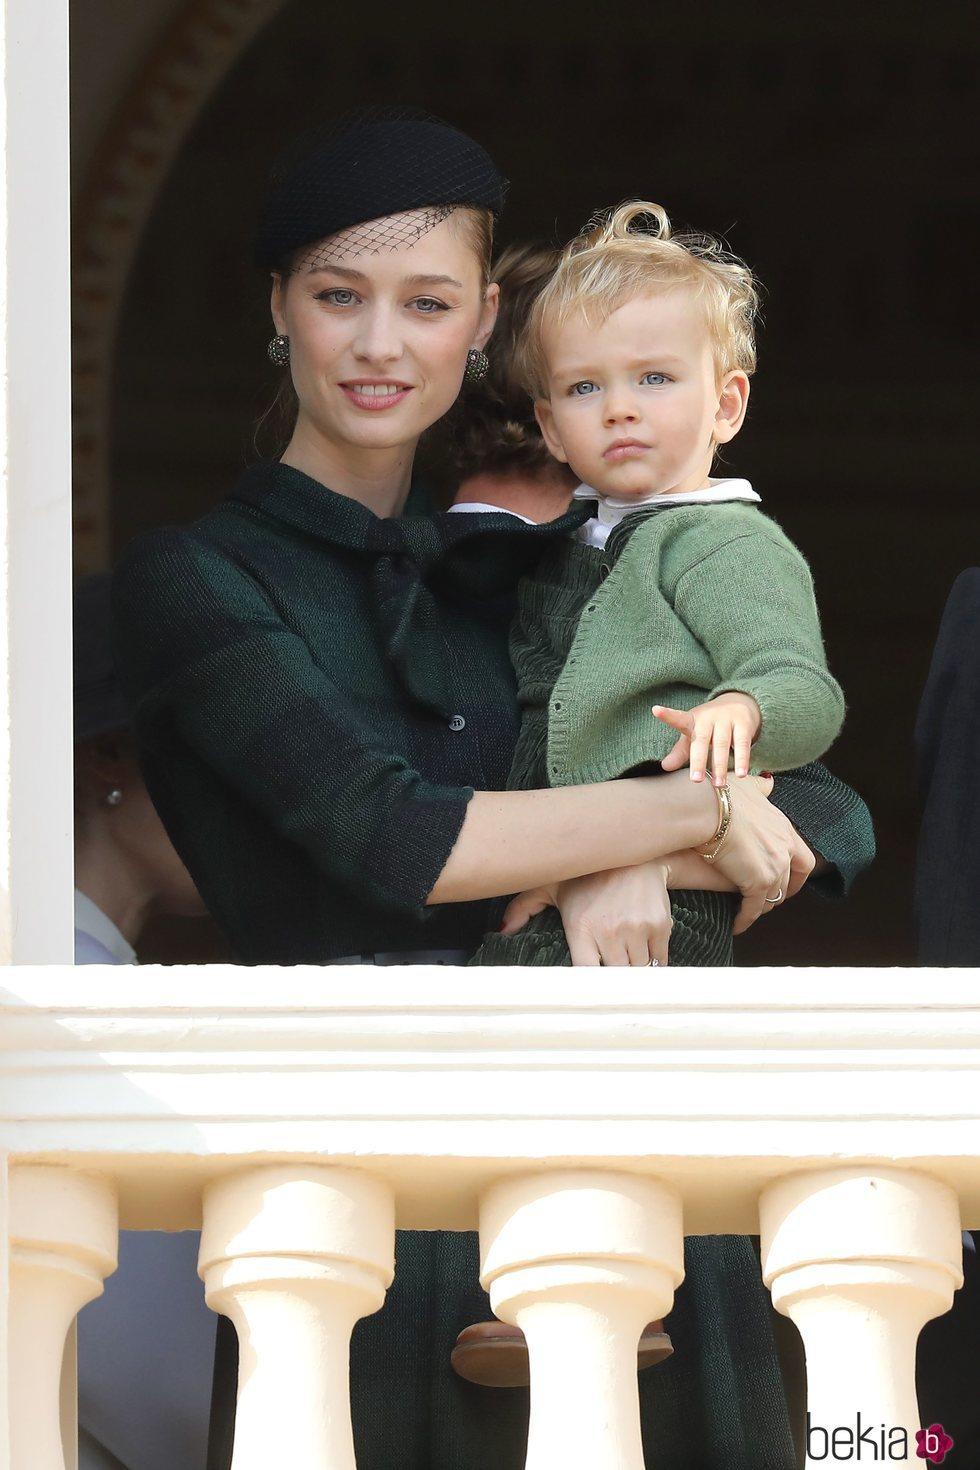 Beatrice Borromeo y su hijo Francesco Casiraghi en el Día Nacional de Mónaco 2019